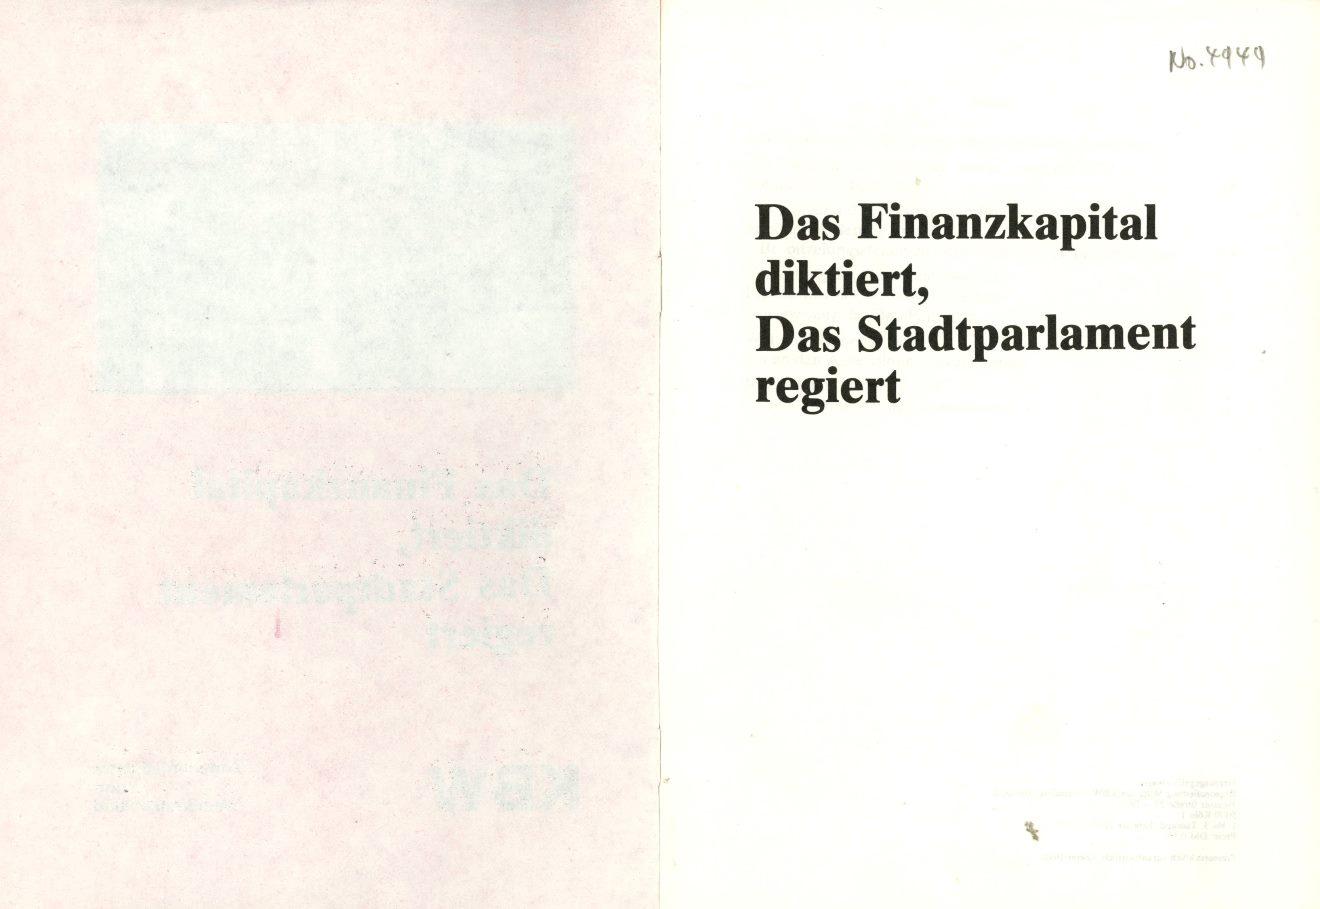 Frankfurt_KBW_Finanzkapital_Stadtparlament_1977_02